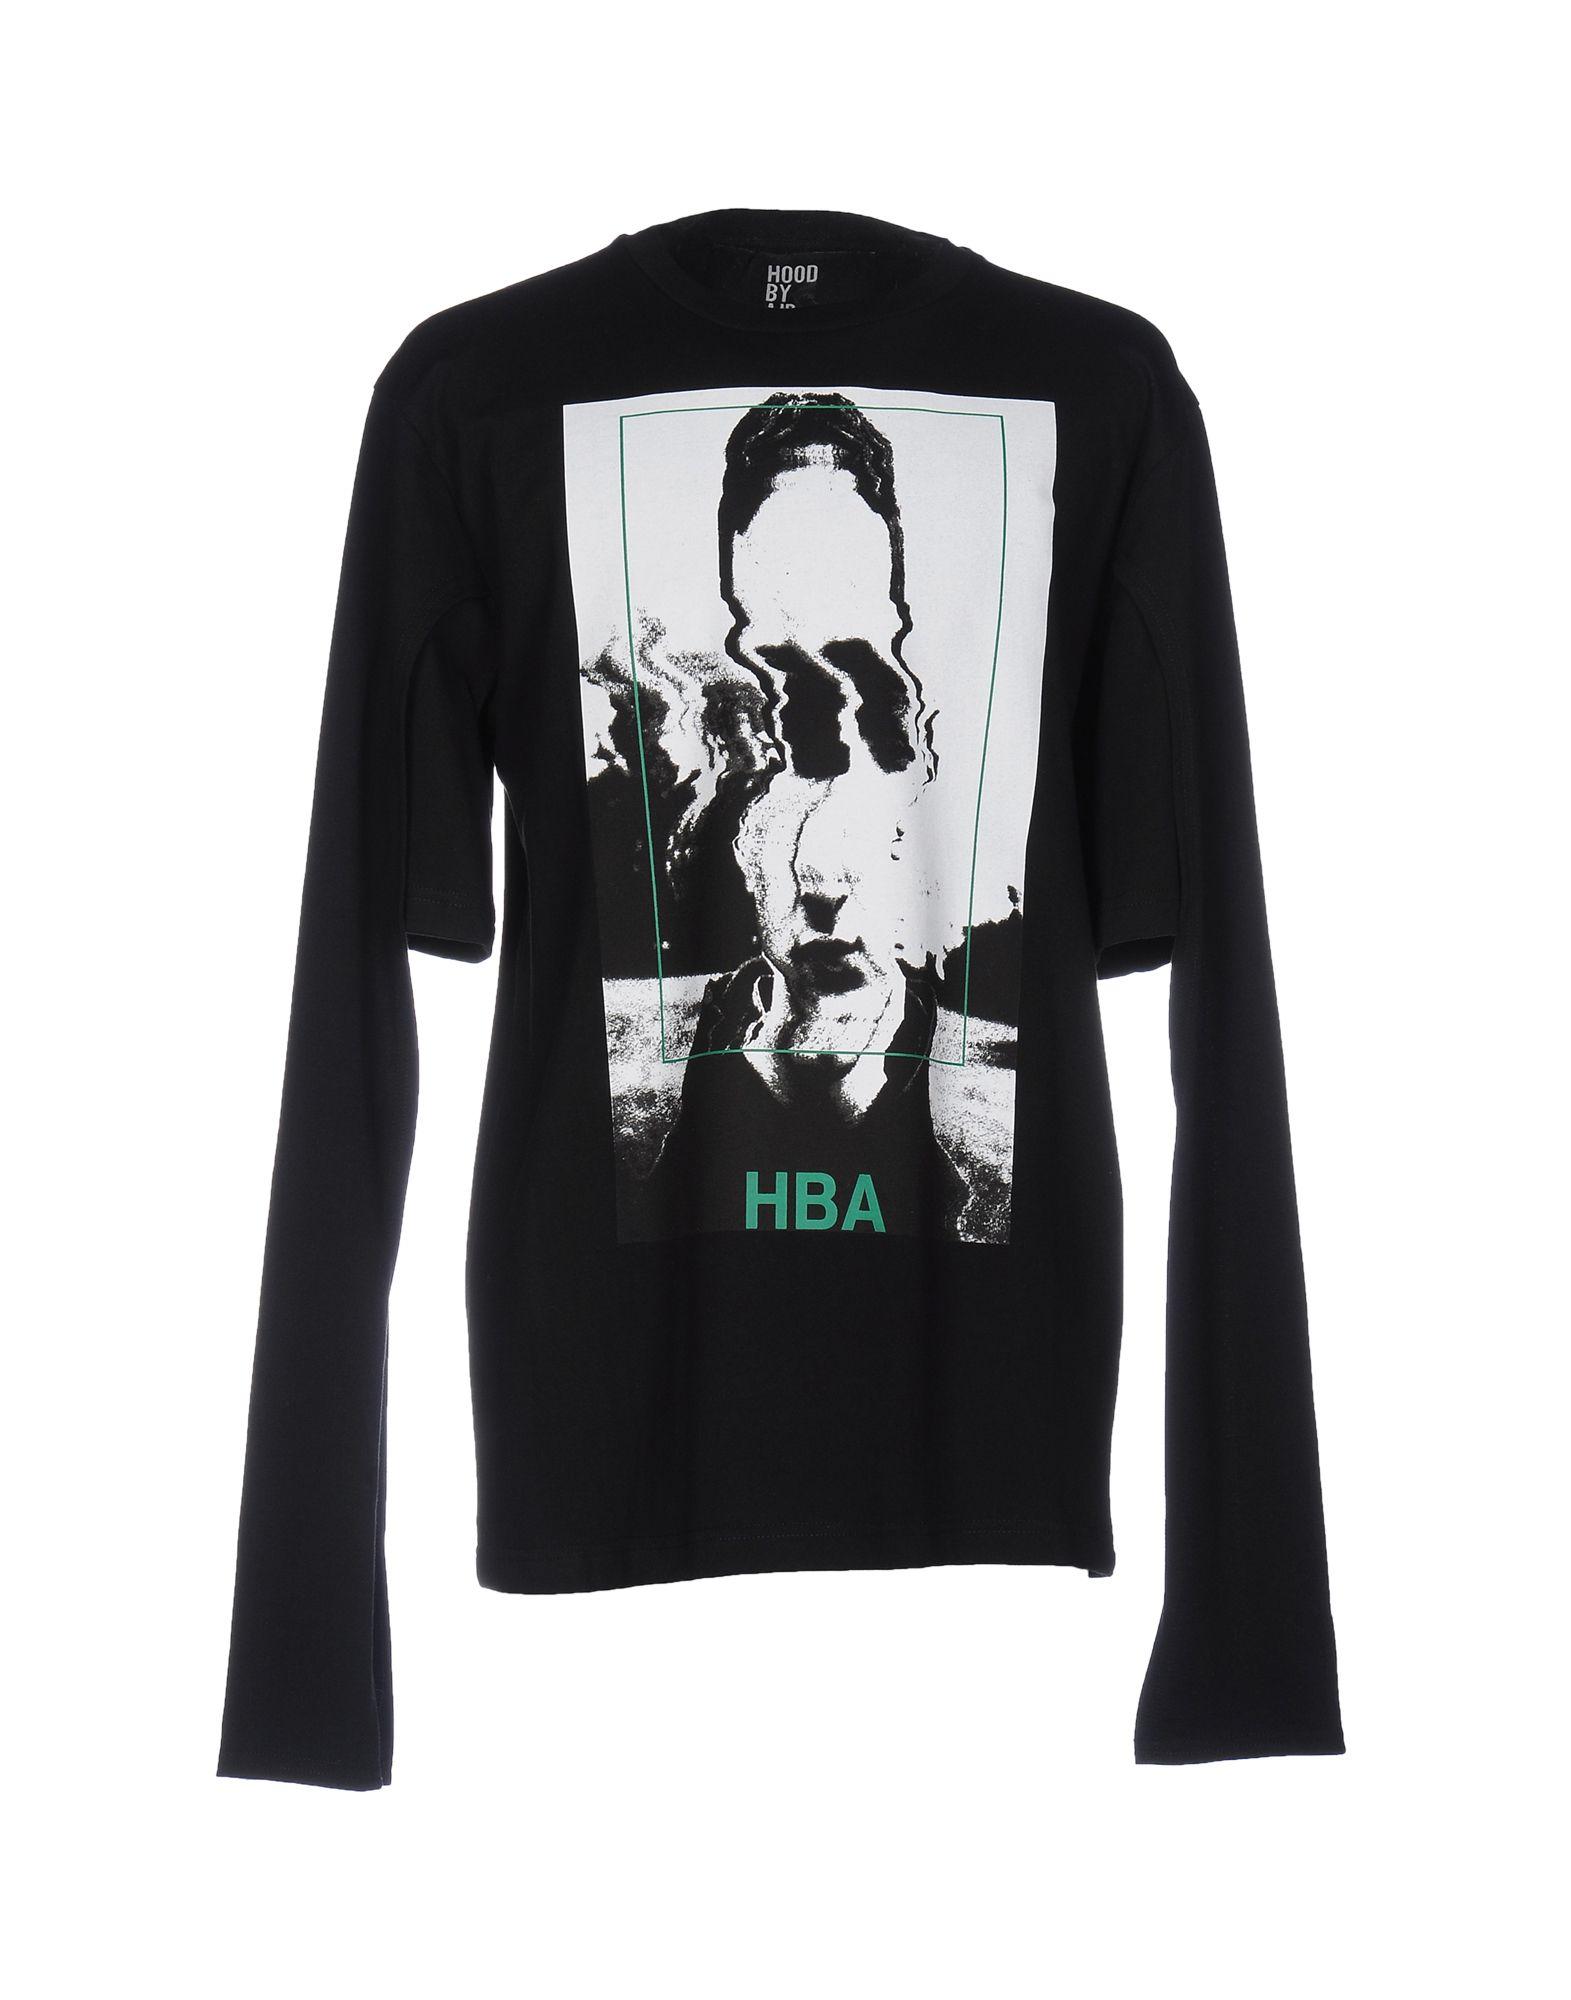 590c406f455 Hba Hood By Air T-Shirt - Men Hba Hood By Air T-Shirts online on ...